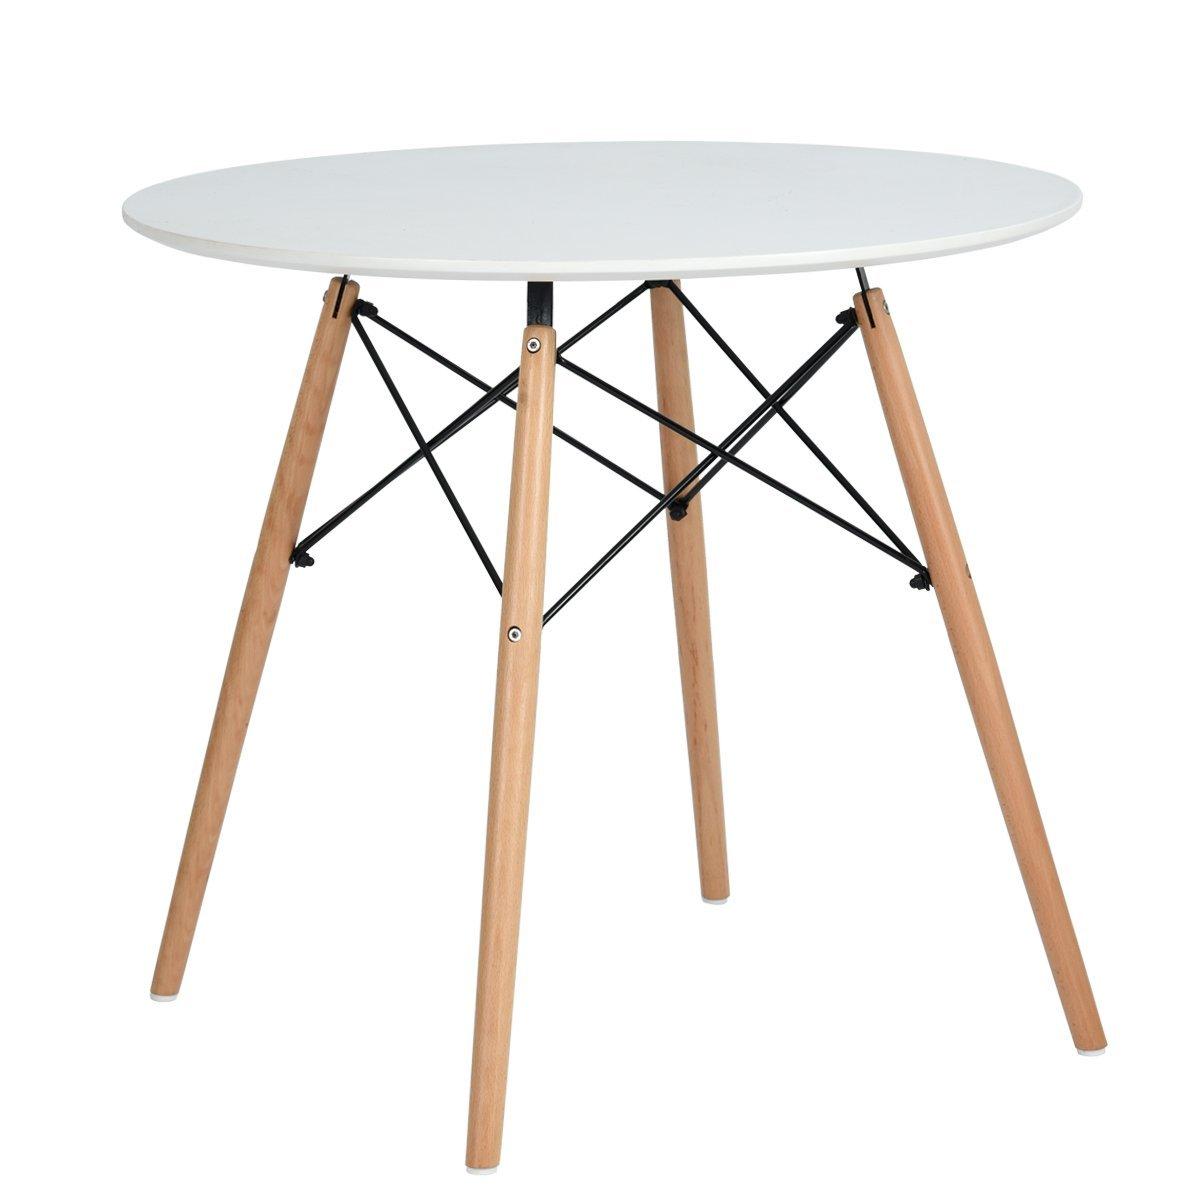 N.B.F DSW - Tavolo rotondo da pranzo, stile scandinavo, da cucina, vintage, in legno, 80 cm, colore: bianco opaco Navy Blue Furniture